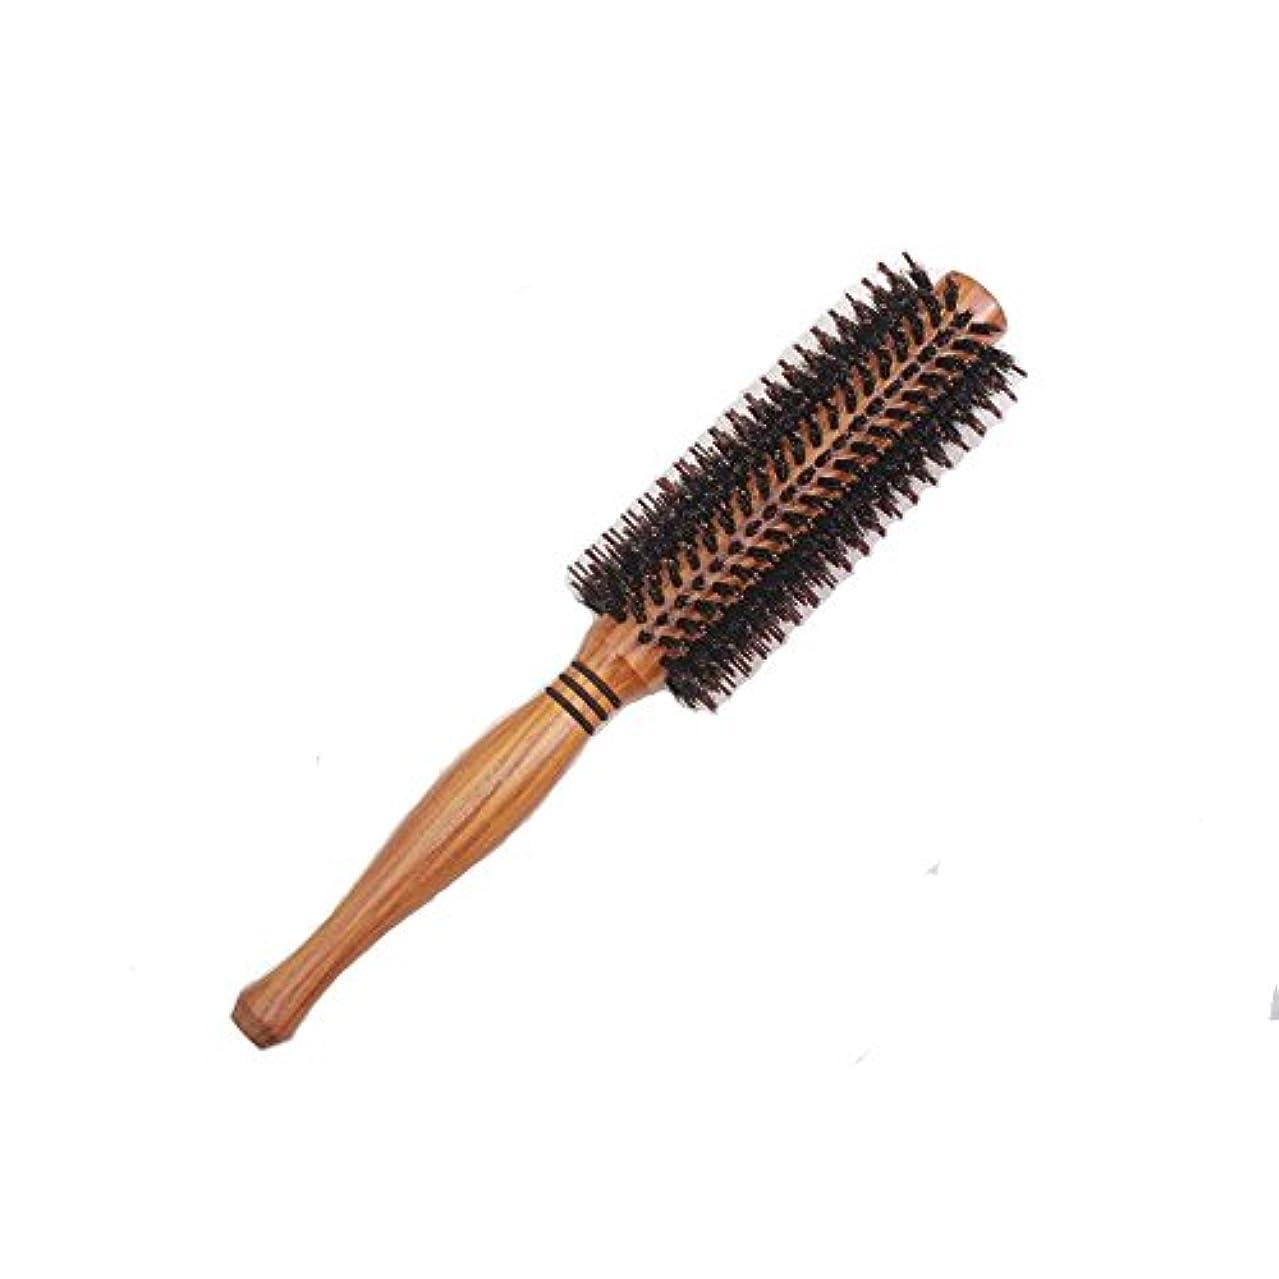 天然ロールブラシ 豚毛 耐熱仕様 ブロー カール 巻き髪 ヘア ブラシ ロール